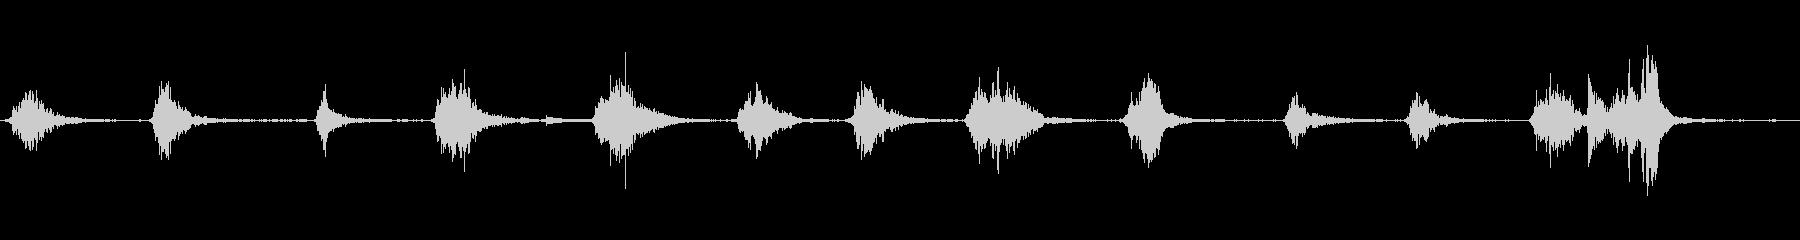 メタルシップハッチ:さまざまなリン...の未再生の波形